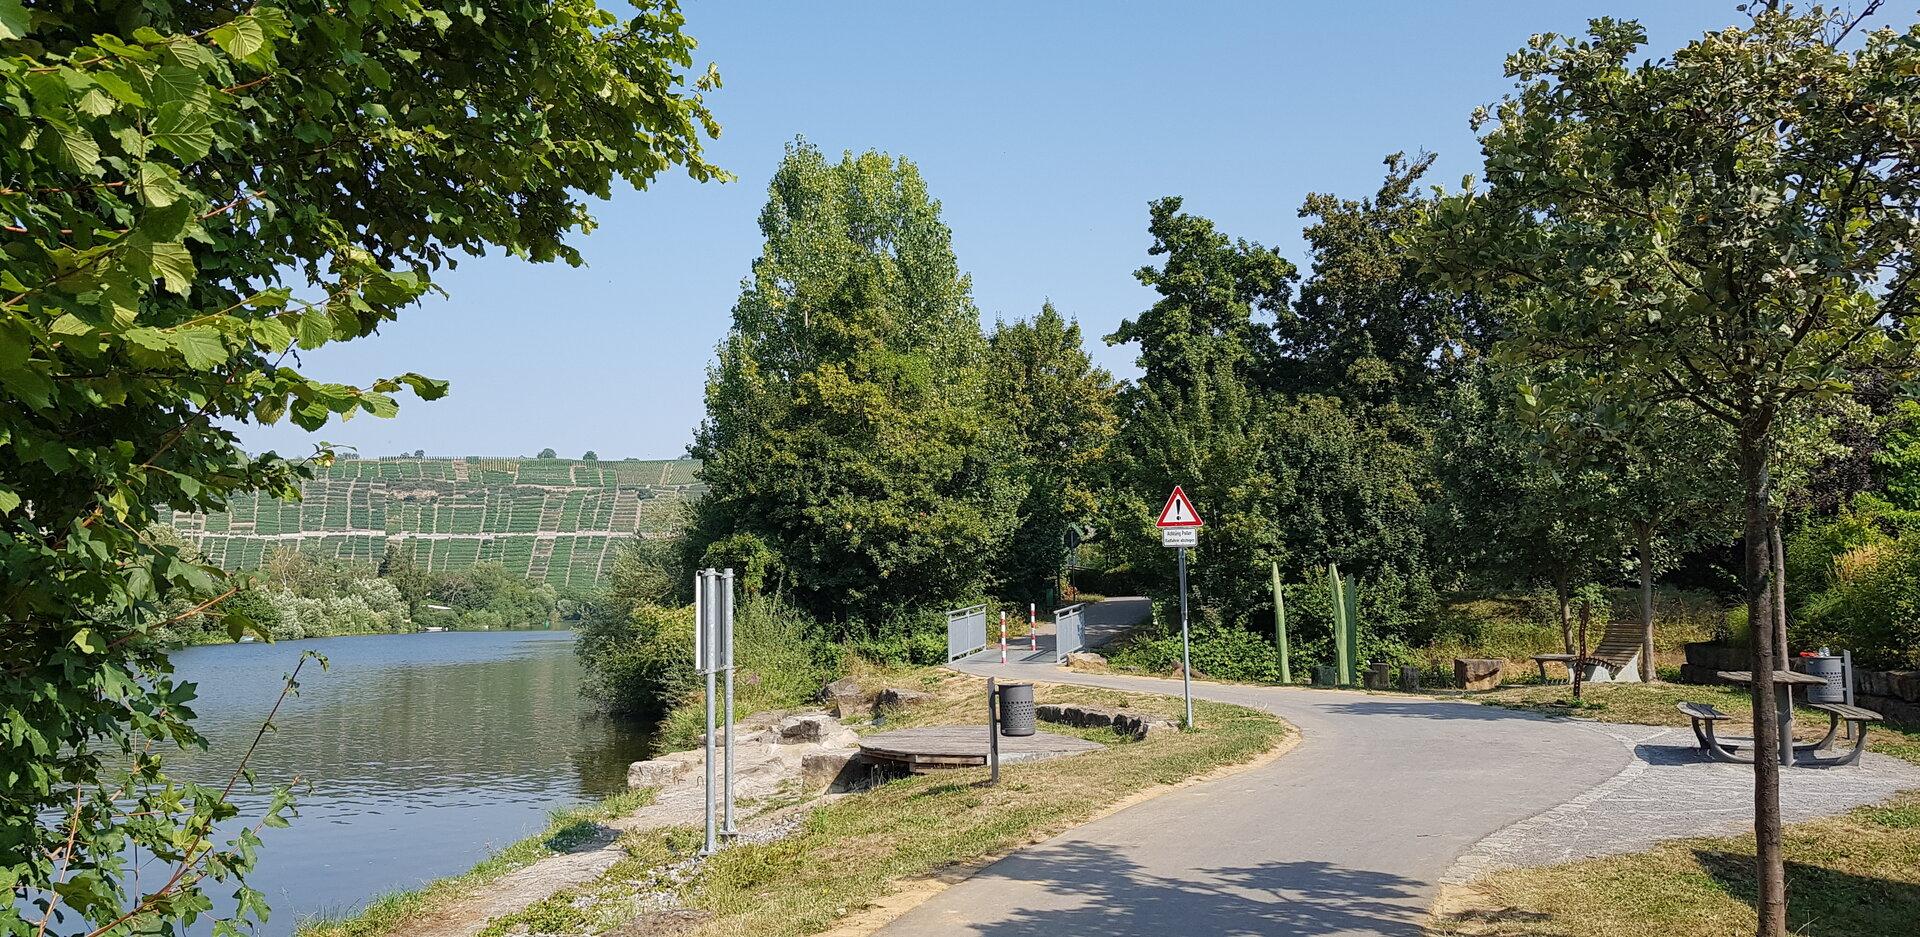 Landschaftspark Neckar